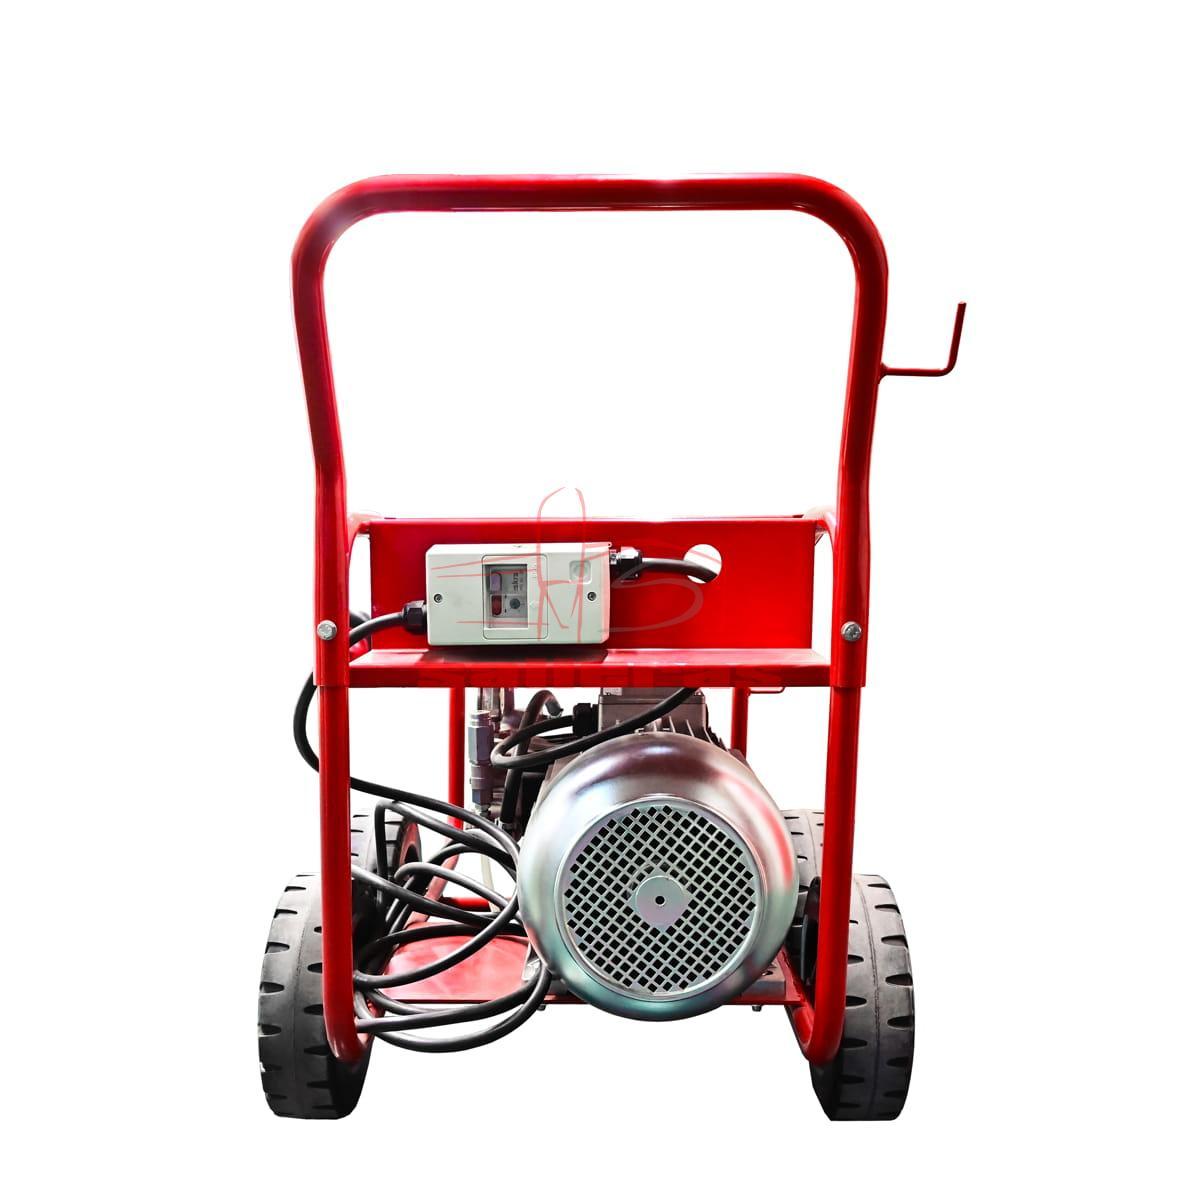 Maquina hidrolimpiadora de cuatro ruedas con asa reves